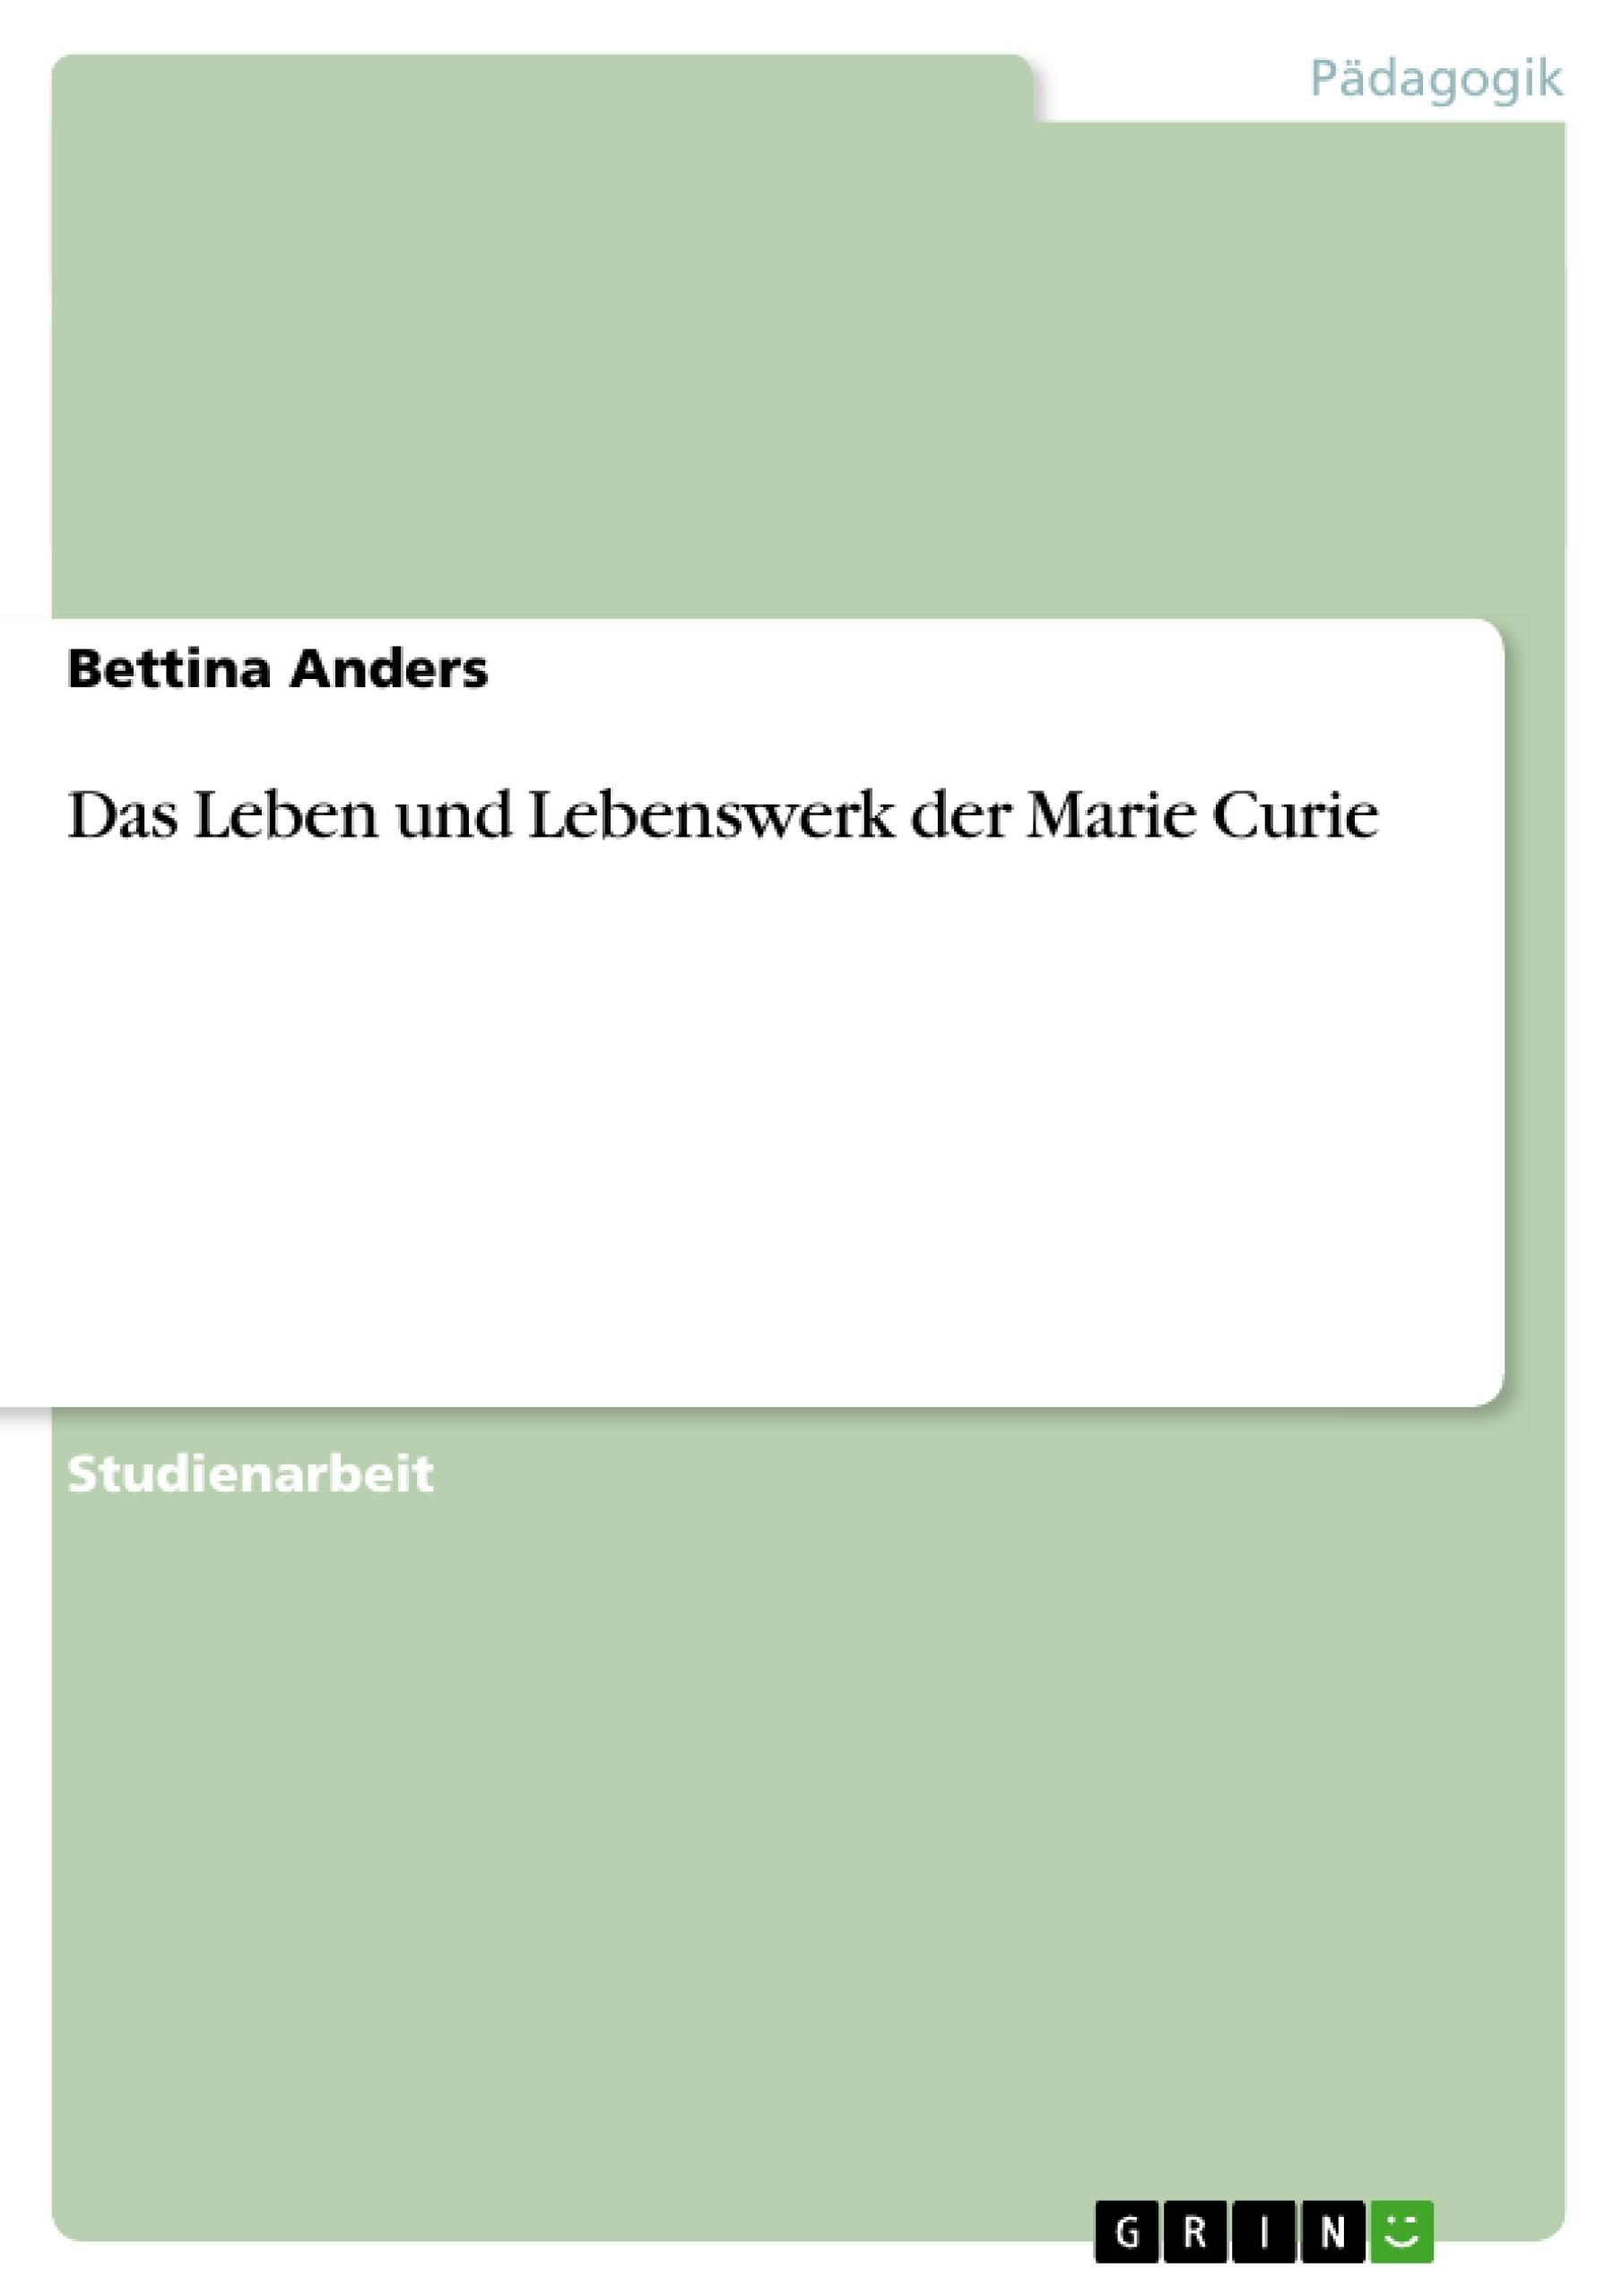 Titel: Das Leben und Lebenswerk der Marie Curie